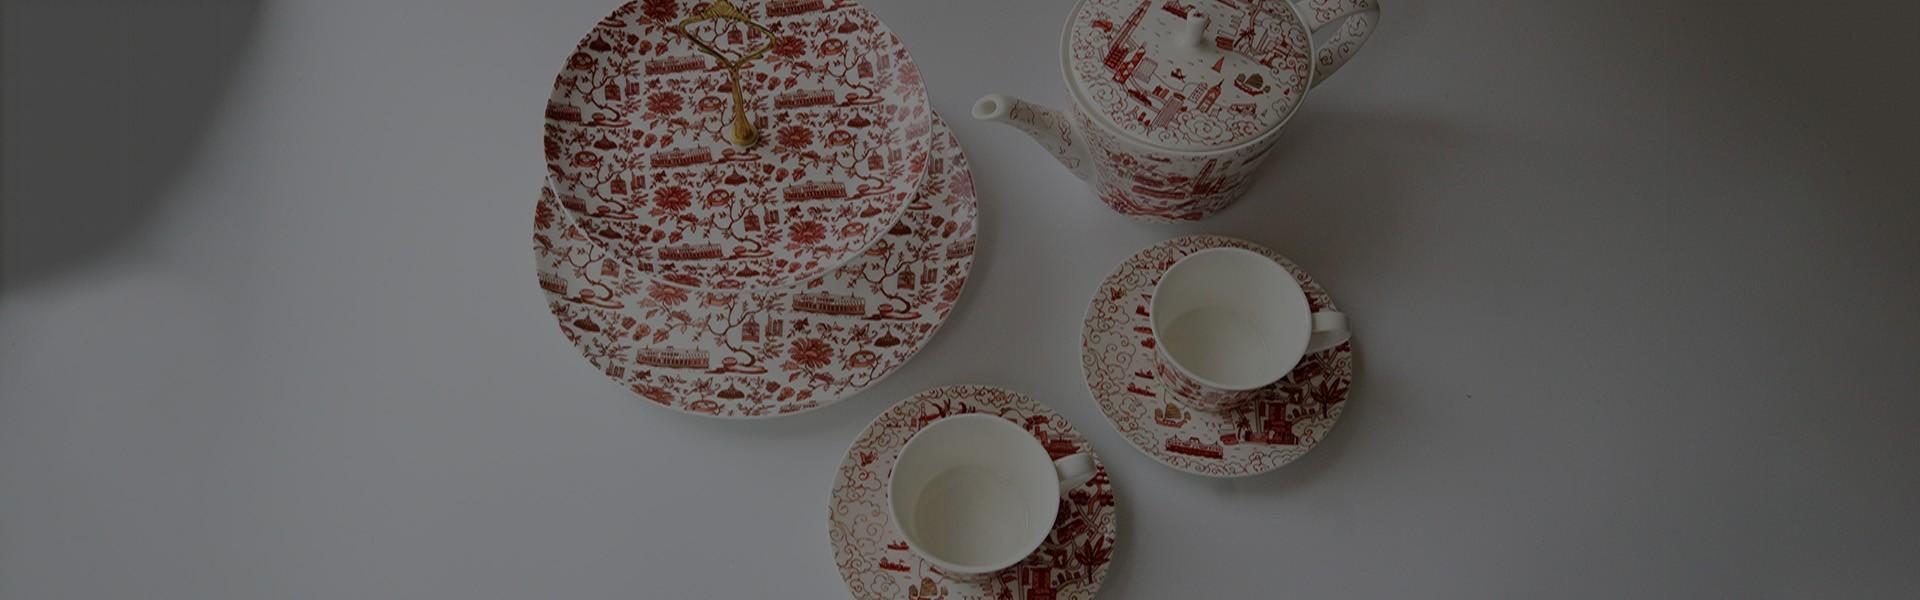 Cake Stands & Tea Sets